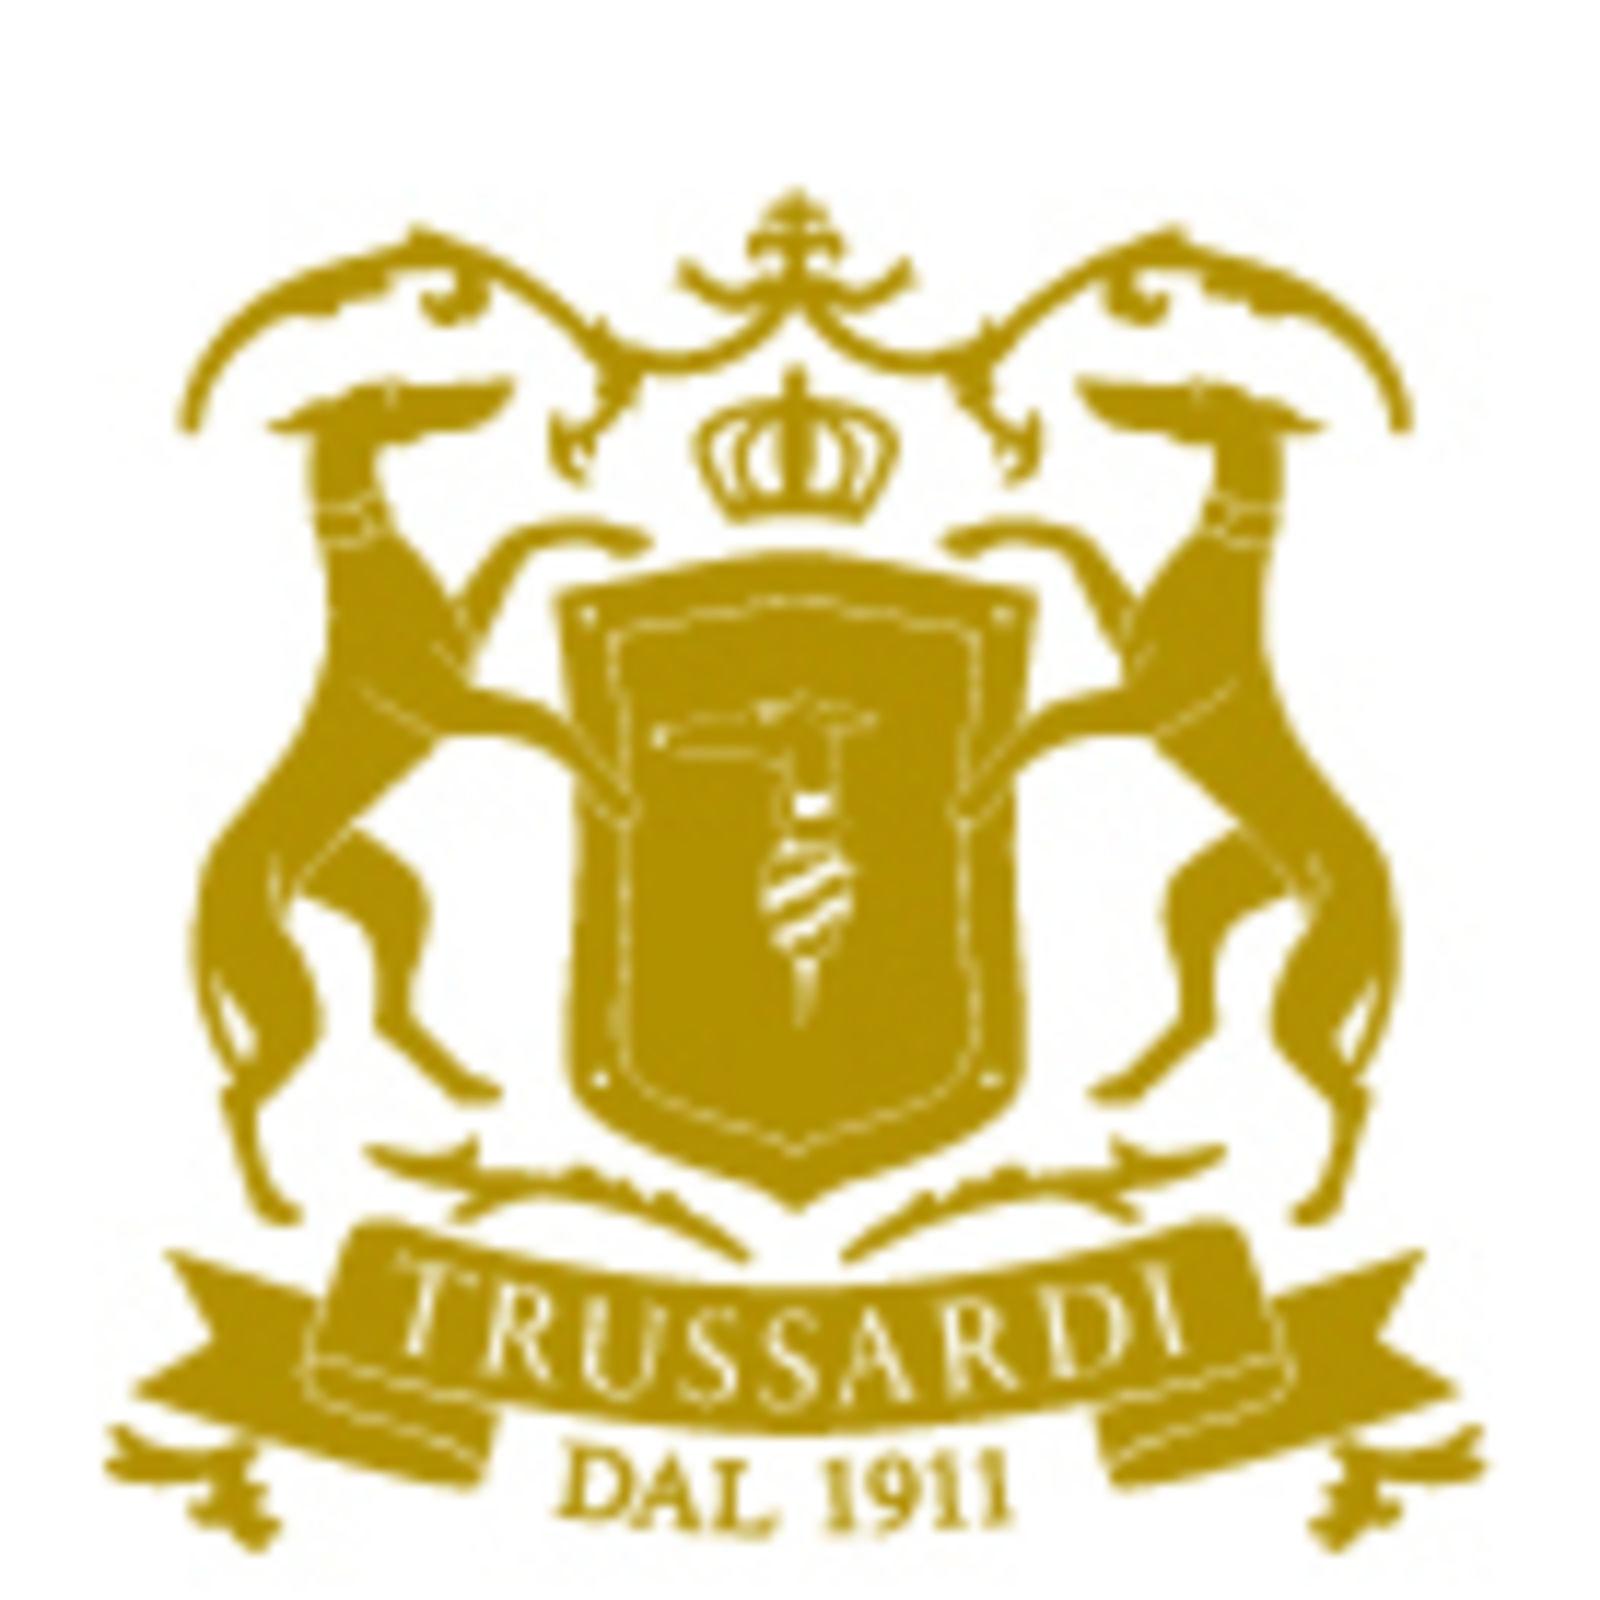 TRUSSARDI Eyewear (Image 1)